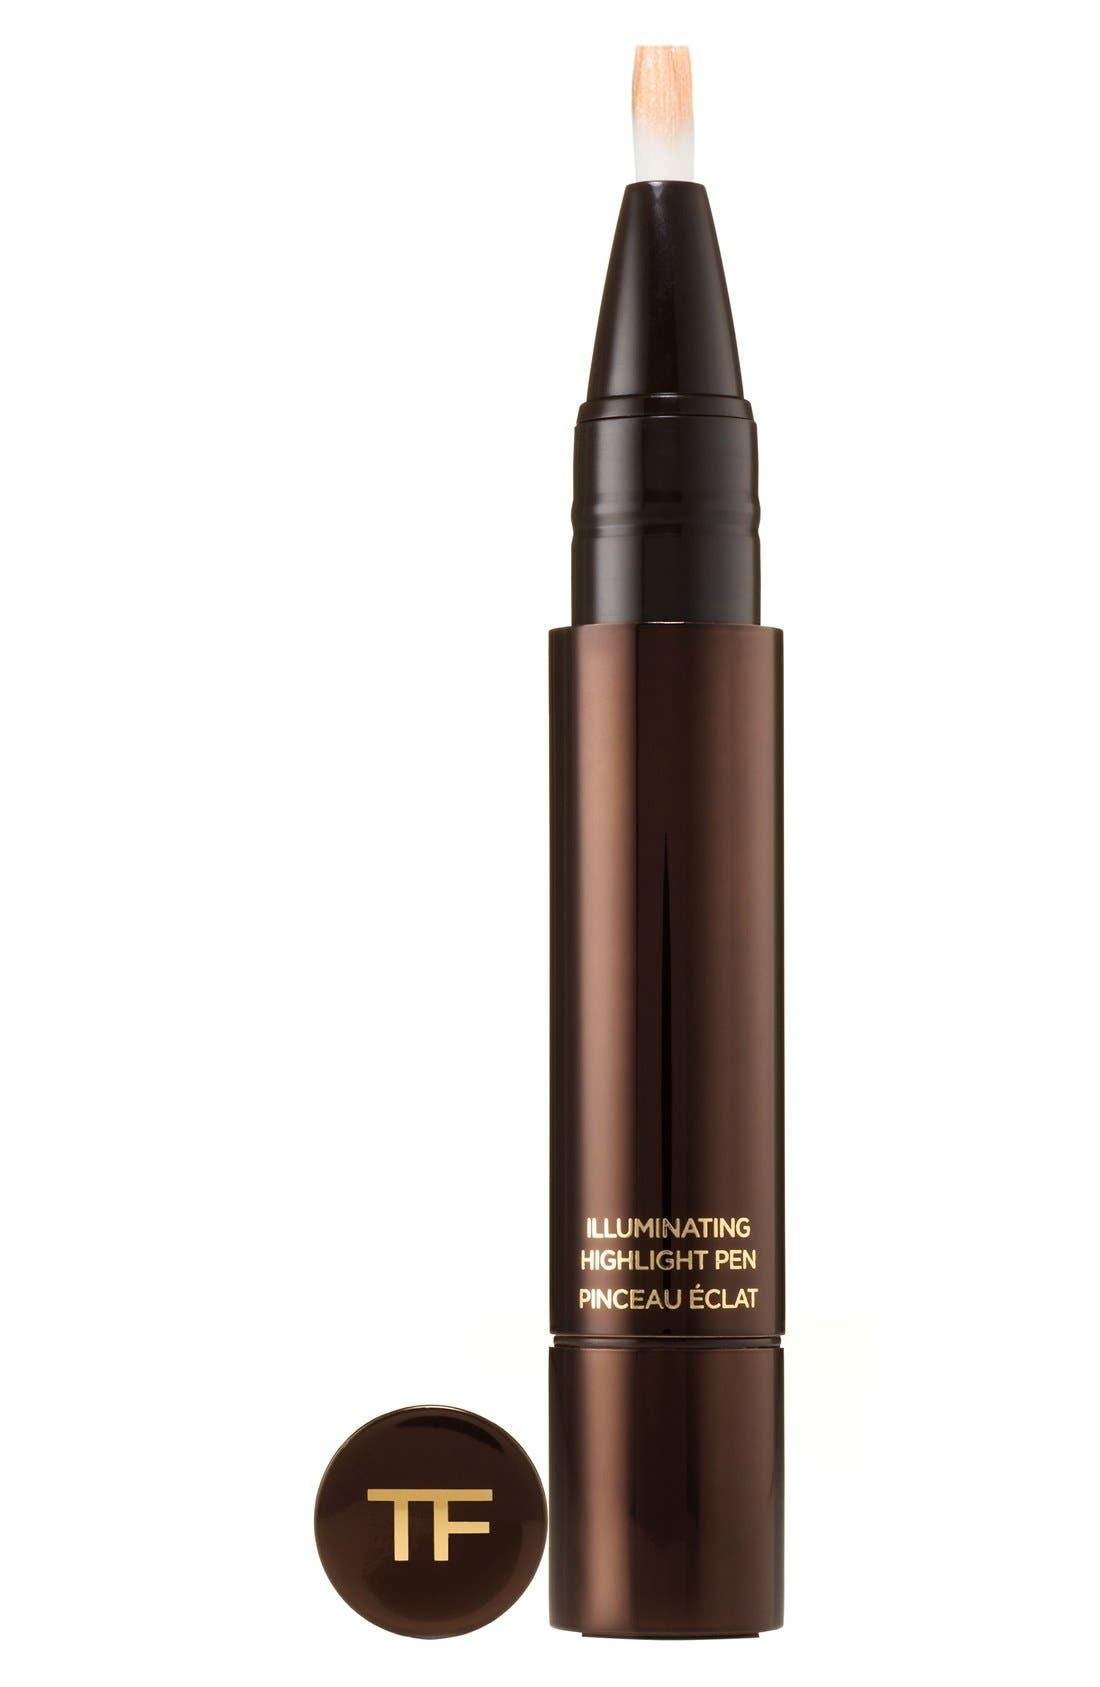 Tom Ford Illuminating Highlight Pen